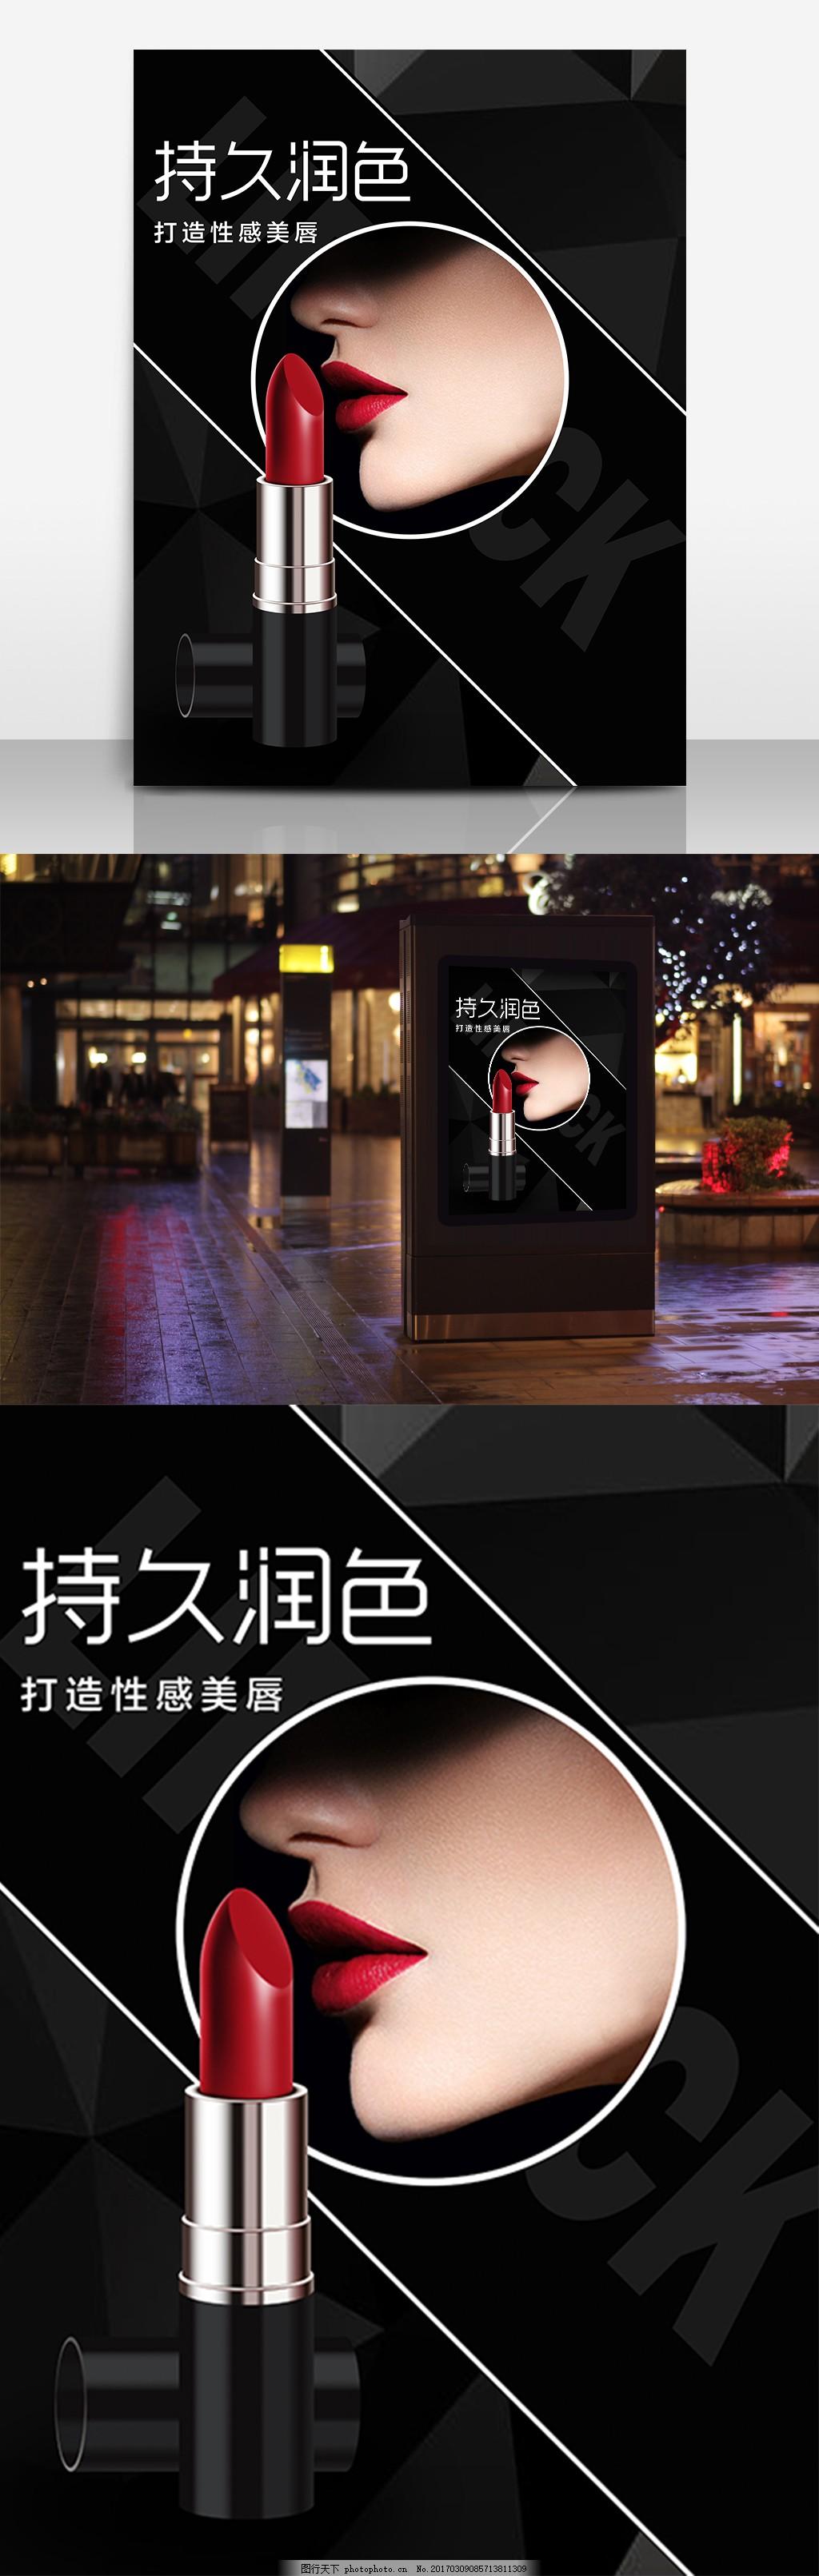 时尚美妆口红海报 大气海报 黑色 红唇海报